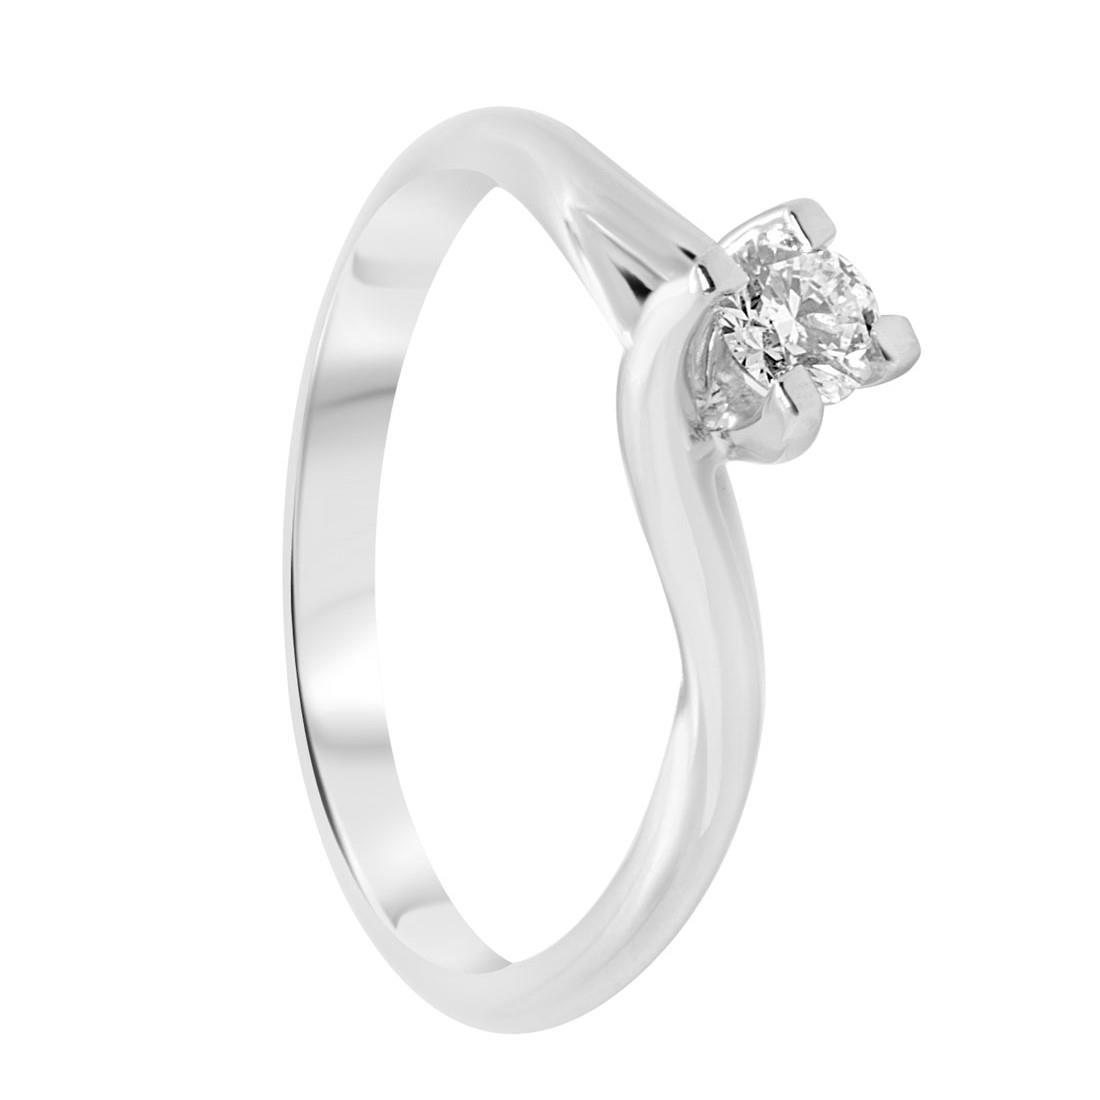 Anello solitario in oro bianco con diamante 0,24 ct mis 15 - ORO&CO